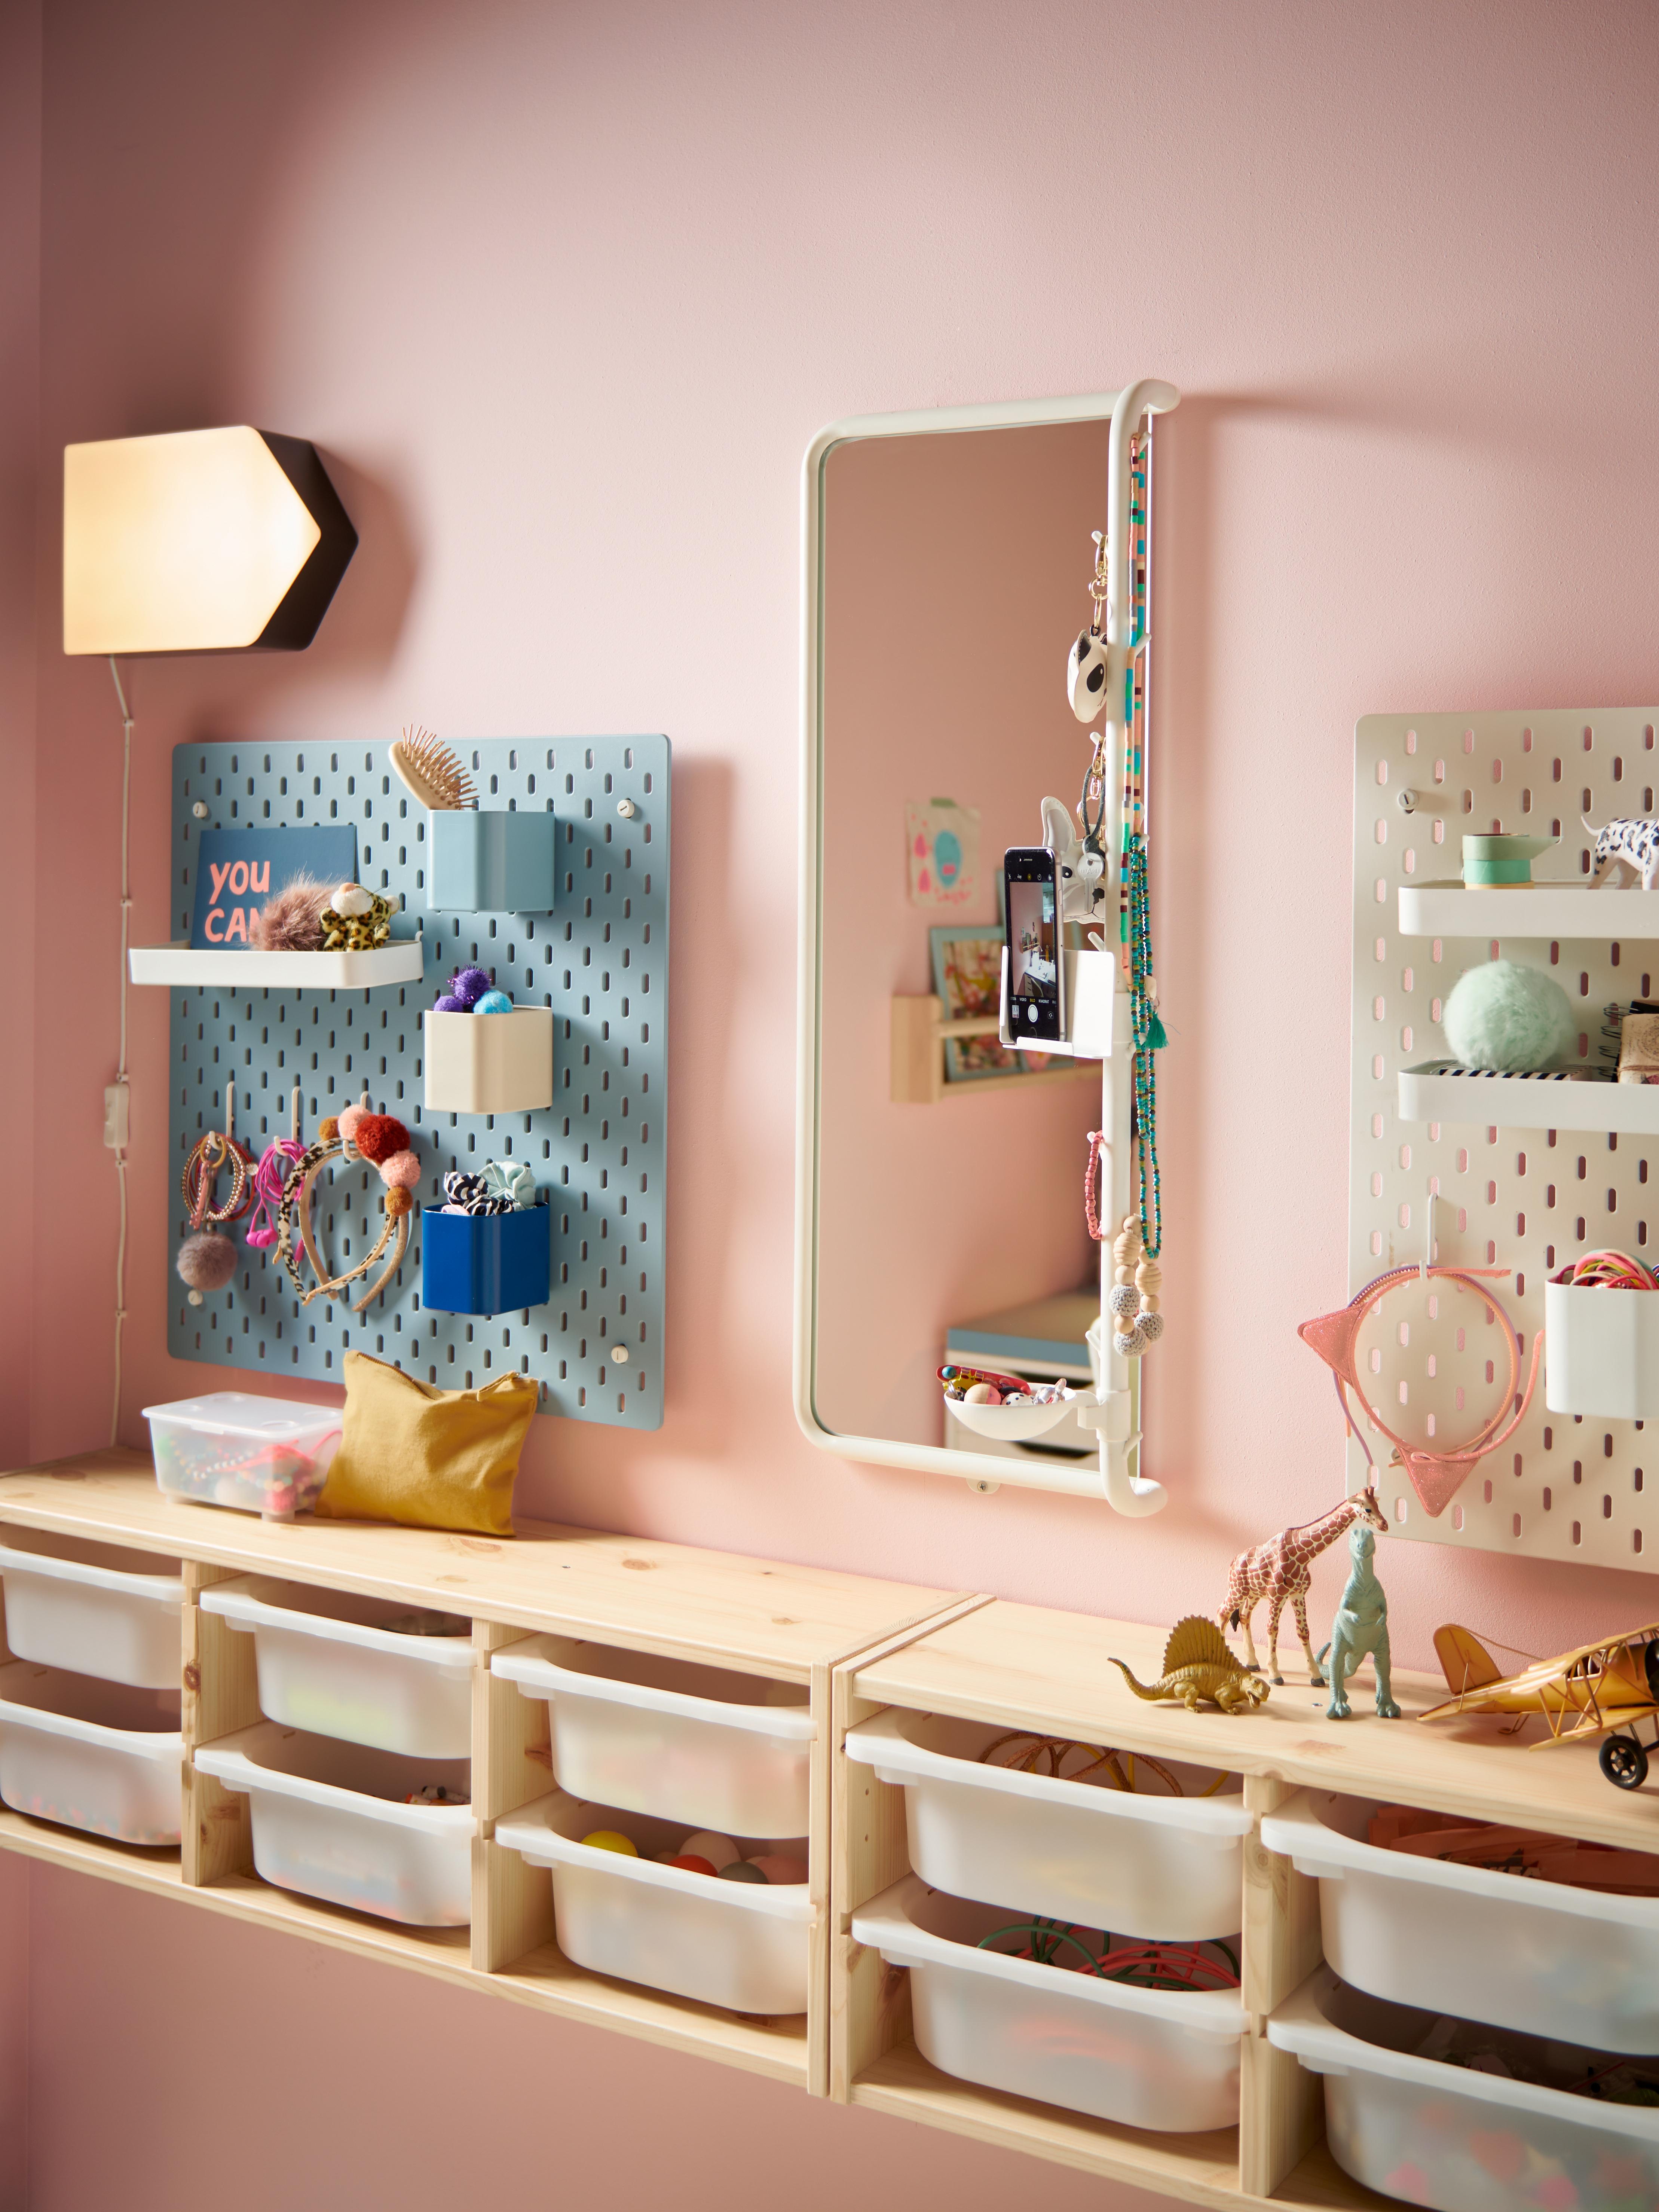 Dětský pokoj s dvěma dírkovanými deskami na stěně, velkým zrcadlem uprostřed. Dole jsou úložné díly TROFAST.